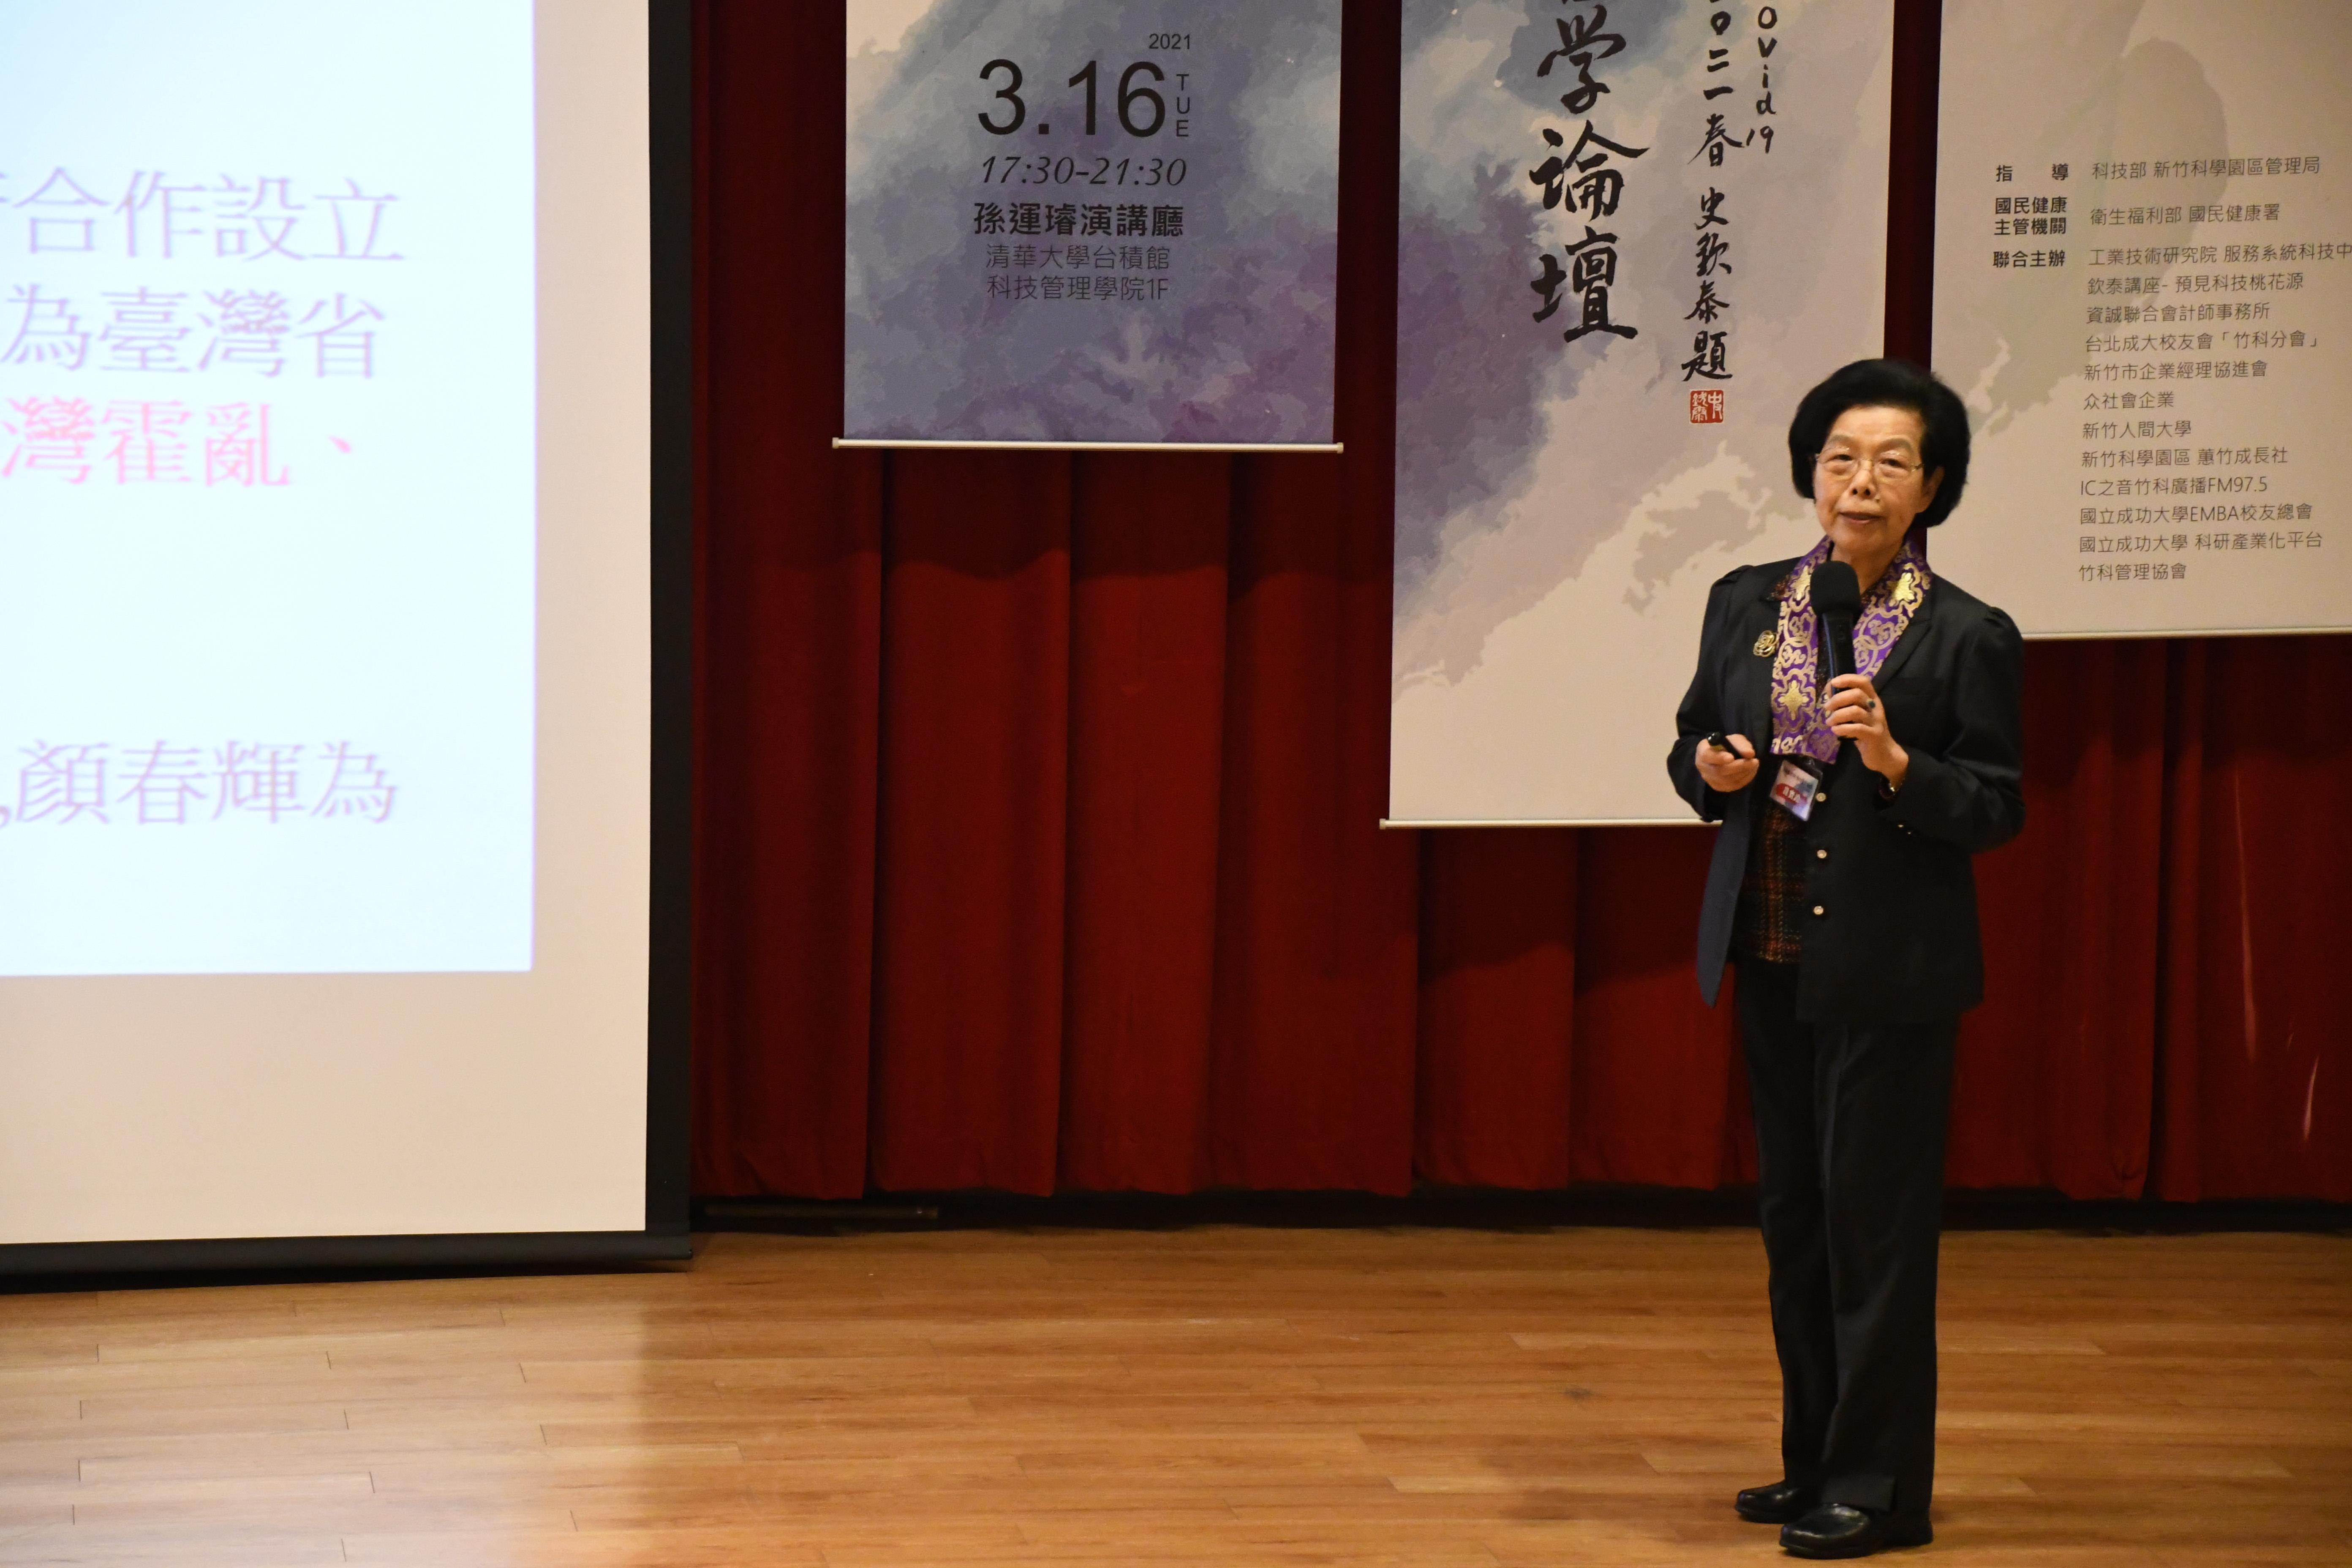 前行政院衛生署署長張博雅演講。(賴月貴/大紀元)